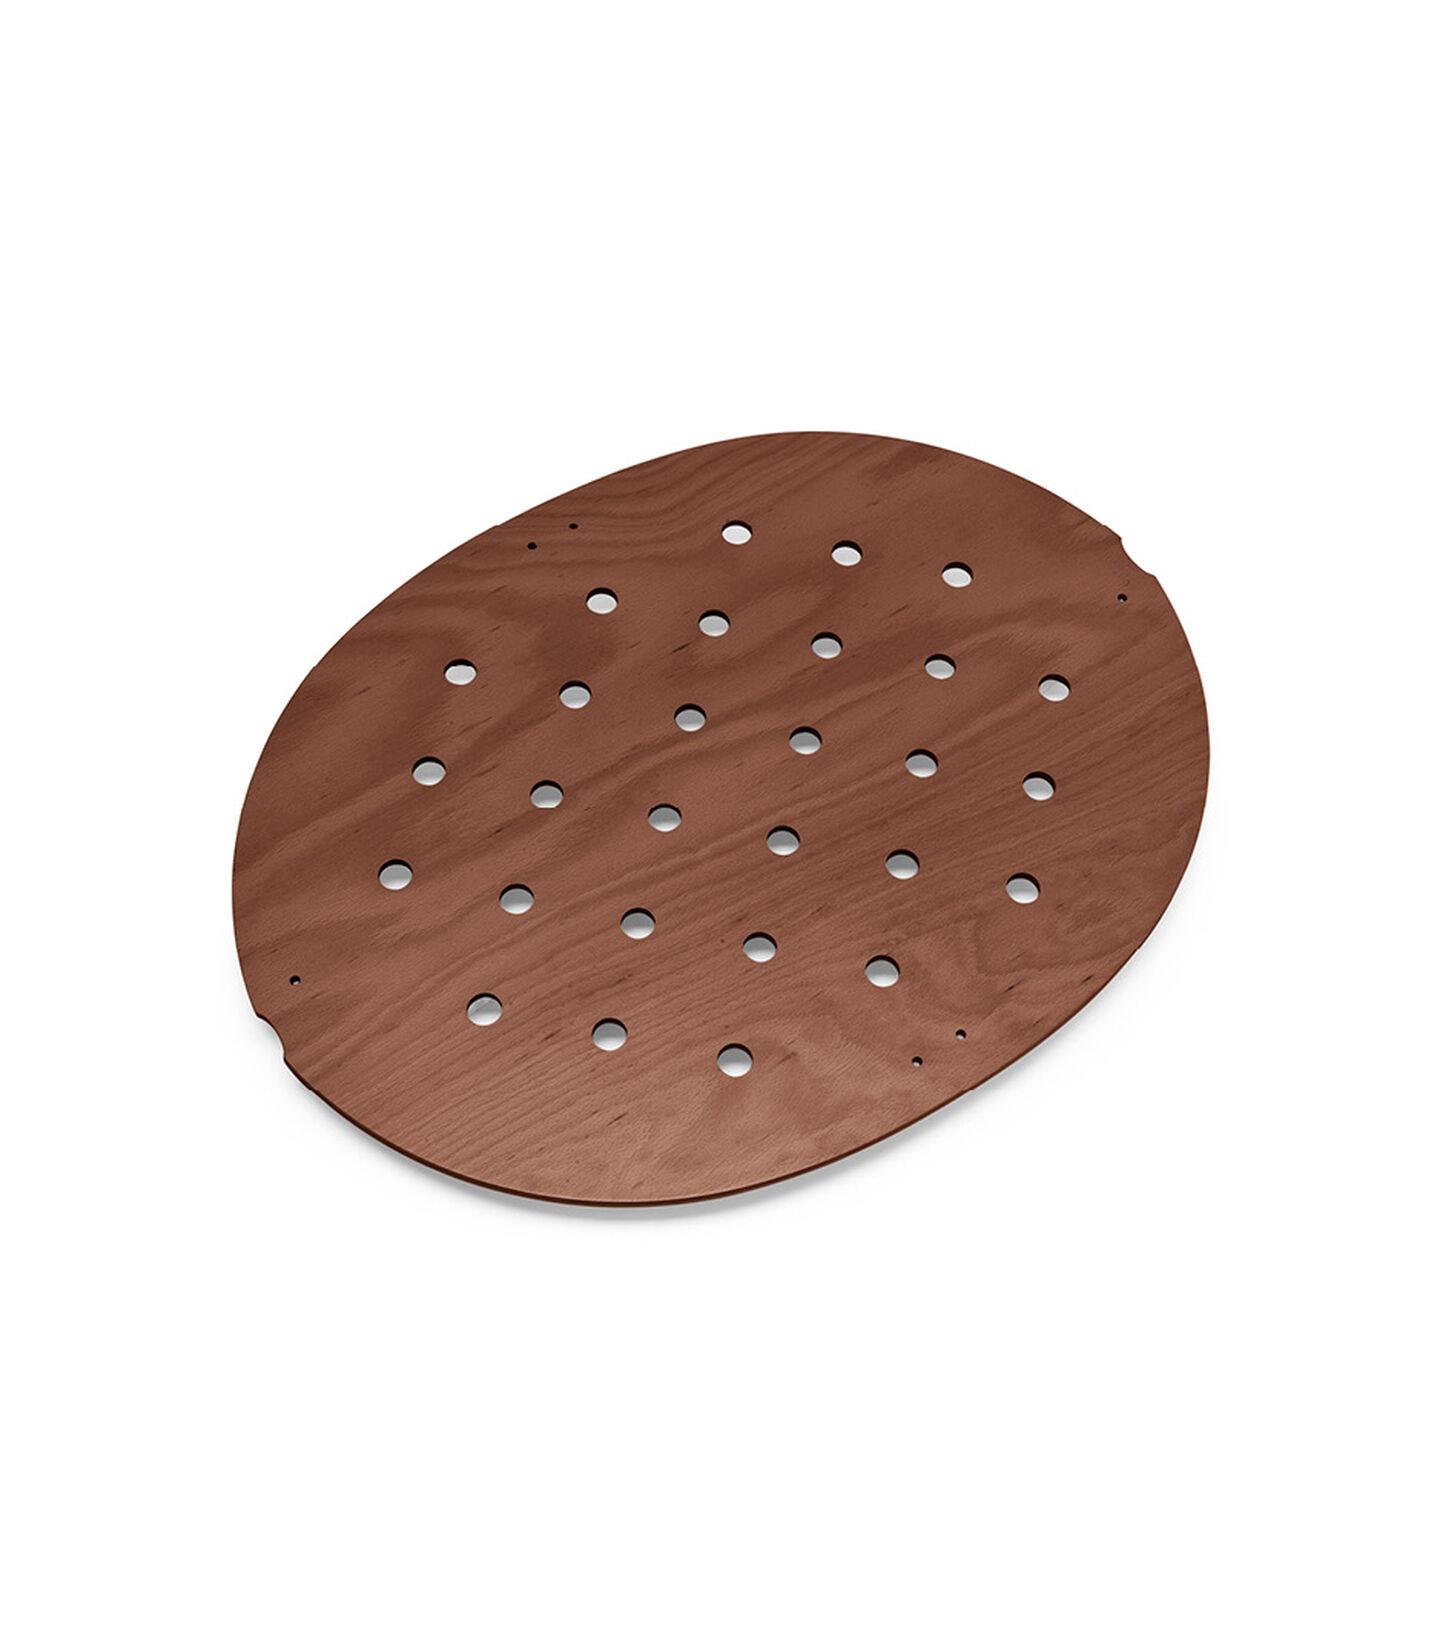 Stokke® Sleepi™ Mini bed bodem  Walnut Brown, Walnut, mainview view 2